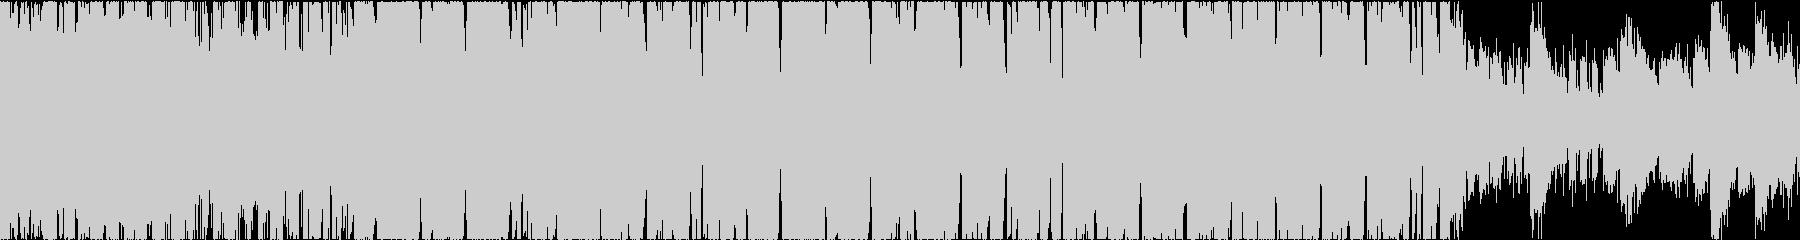 お洒落なボサノヴァ系BGM【ループ可】の未再生の波形